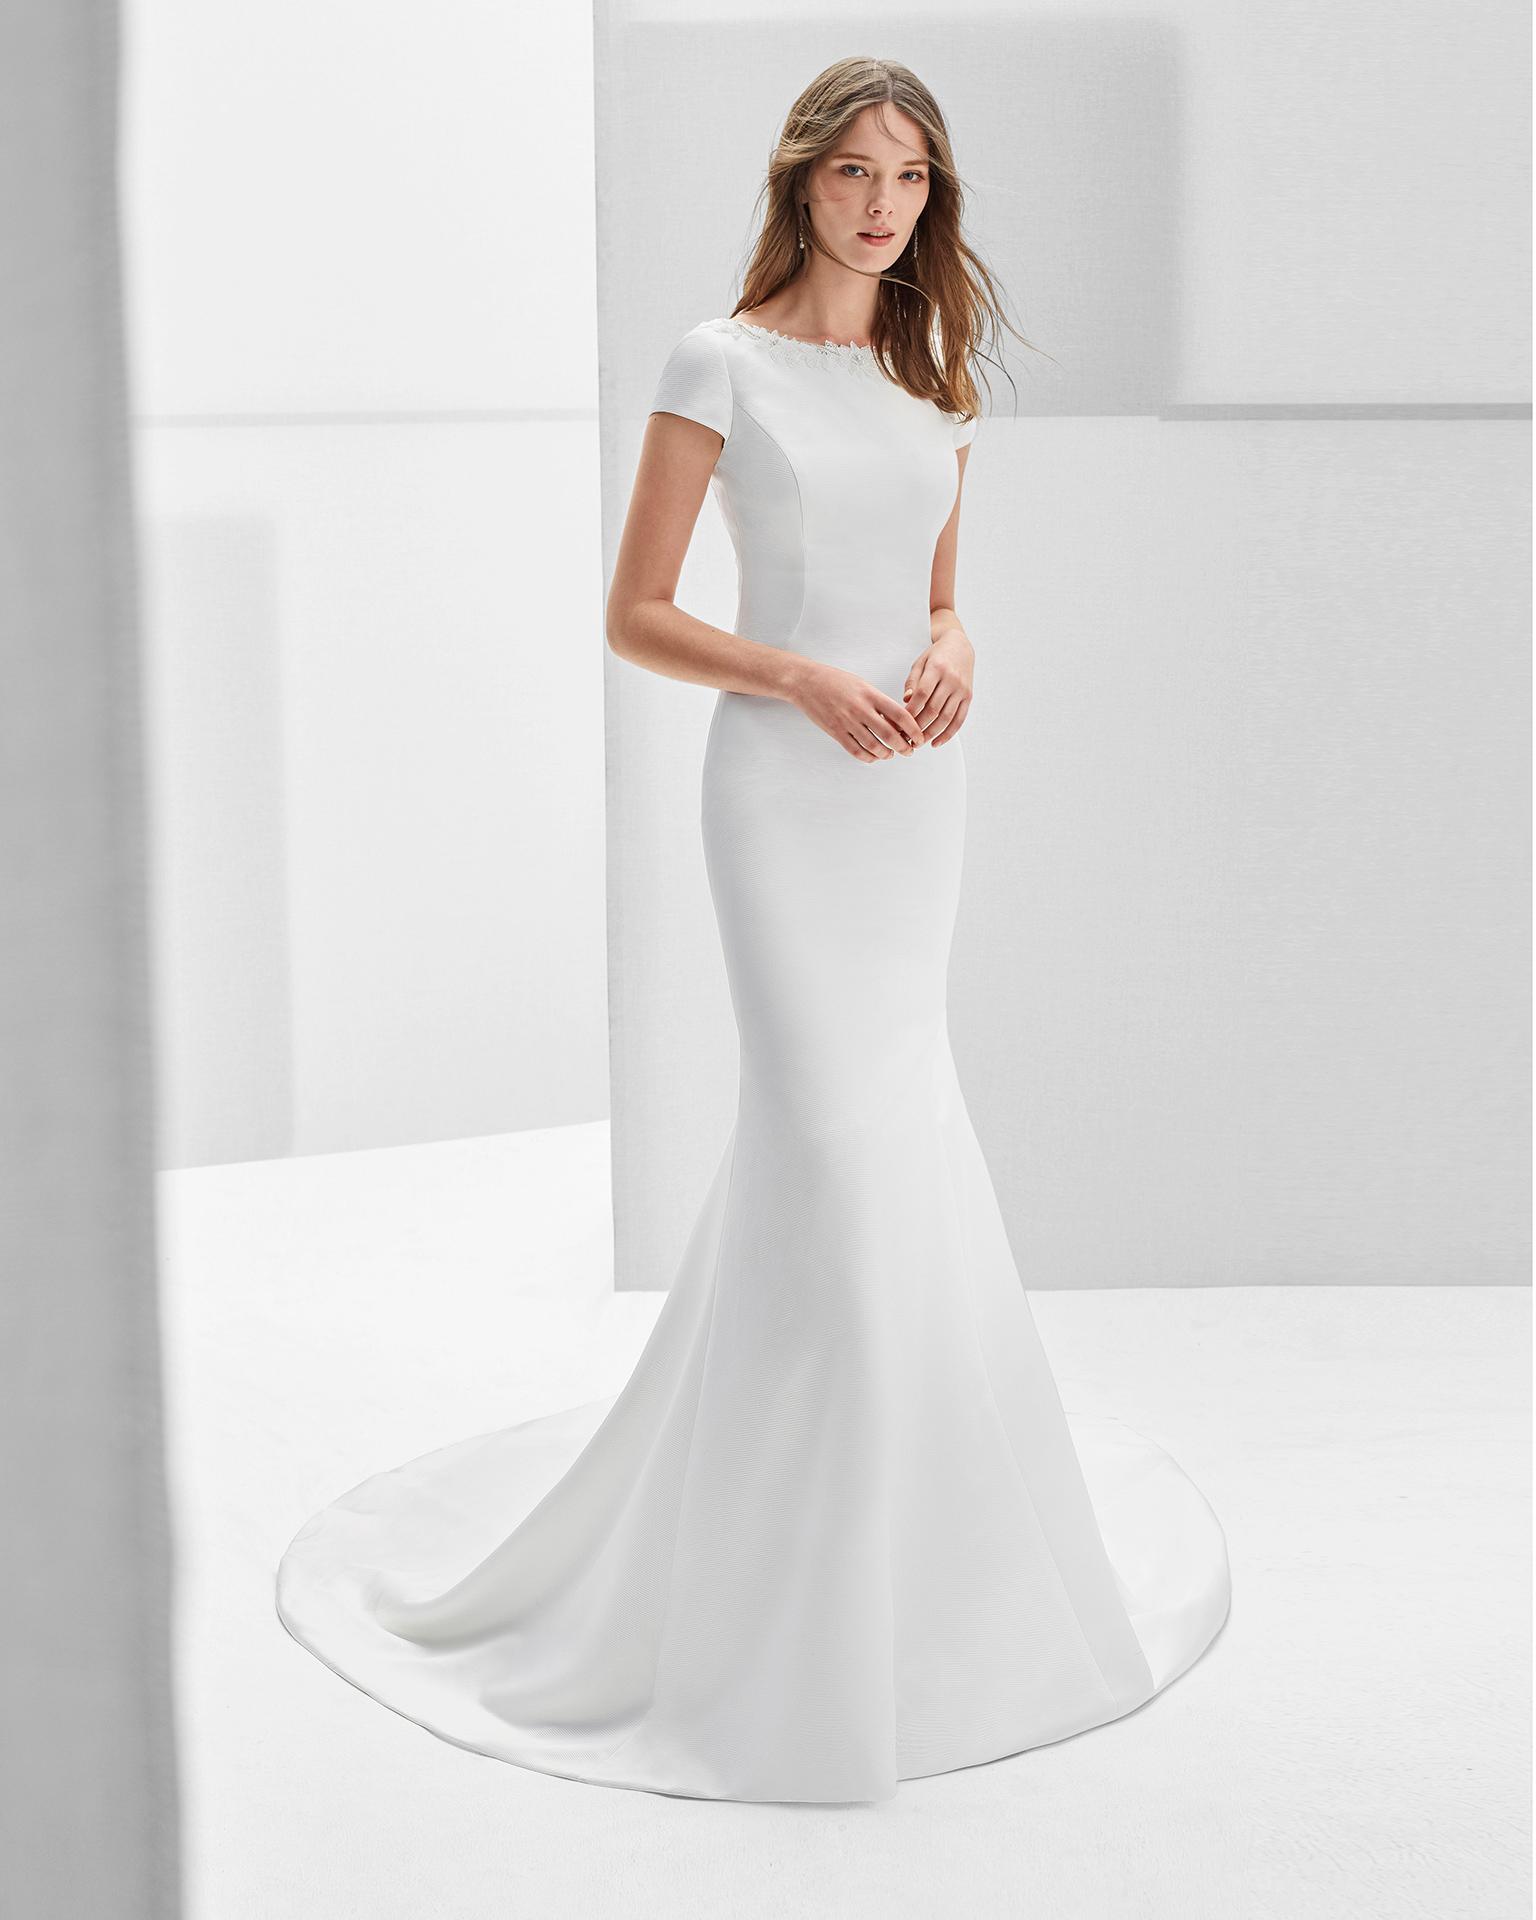 Vestido de novia estilo clásico en ottoman y pedreria con escote barco. Espalda escotada con adorno de pedrería en color natural.